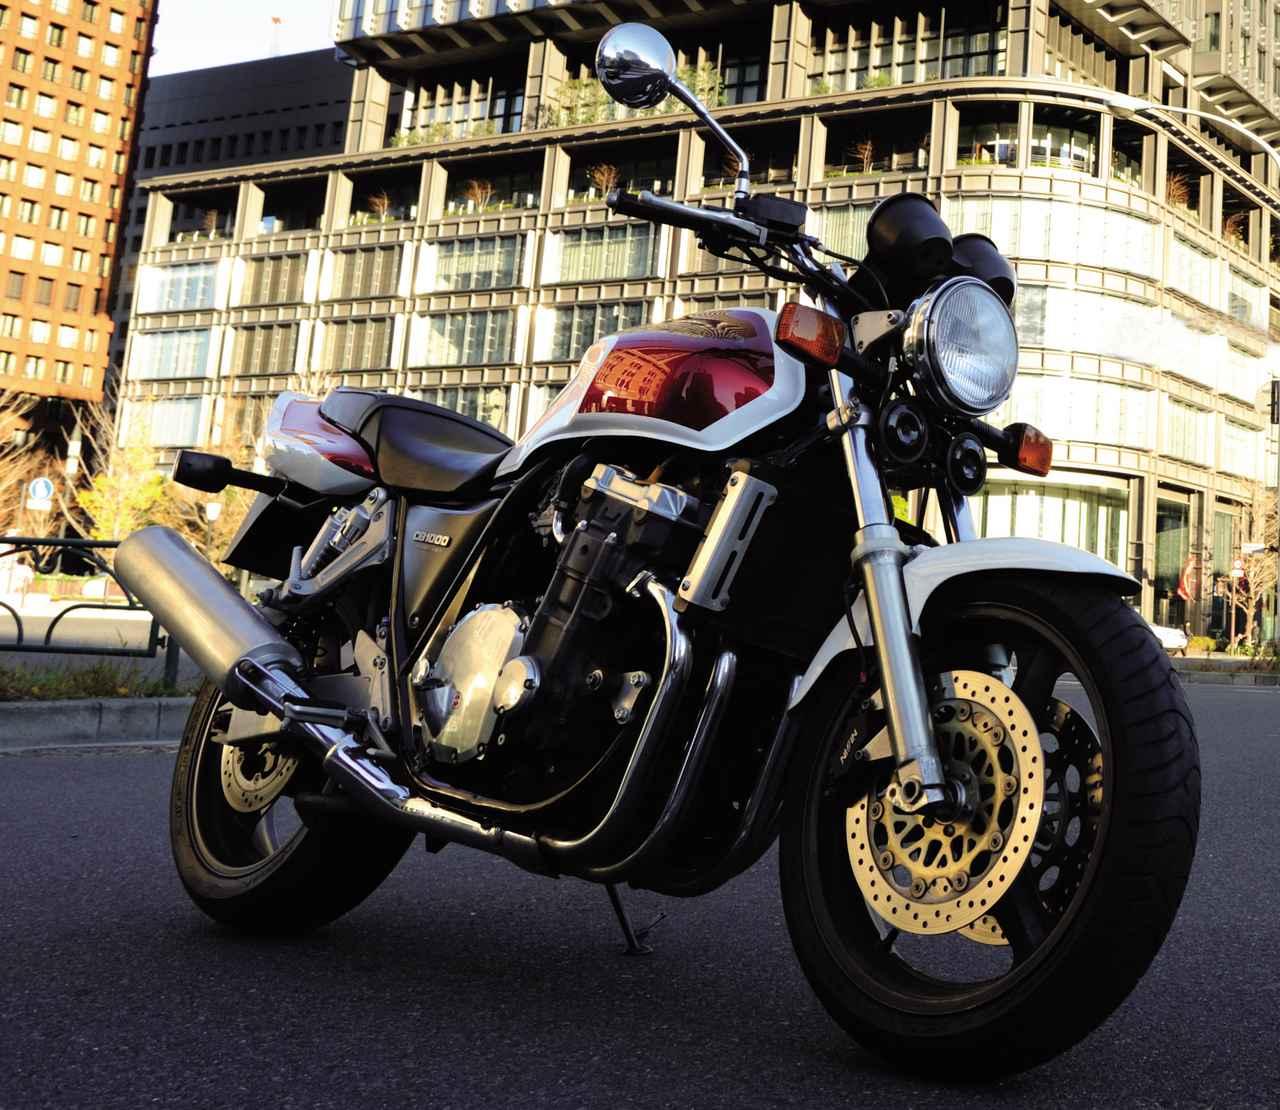 画像: Honda CB1000 SUPER FOUR 1992年11月登場 エンジン形式:空冷4ストDOHC4バルブ並列4気筒 総排気量:998㏄ 最高出力:93PS/8500rpm 最大トルク:8.6kg-m/6000rpm 車両重量:260kg タイヤサイズ:120/70R-18・170/60ZR-18 当時の発売価格:92万円 ※諸元はCB1000スーパーフォア・1992年モデル